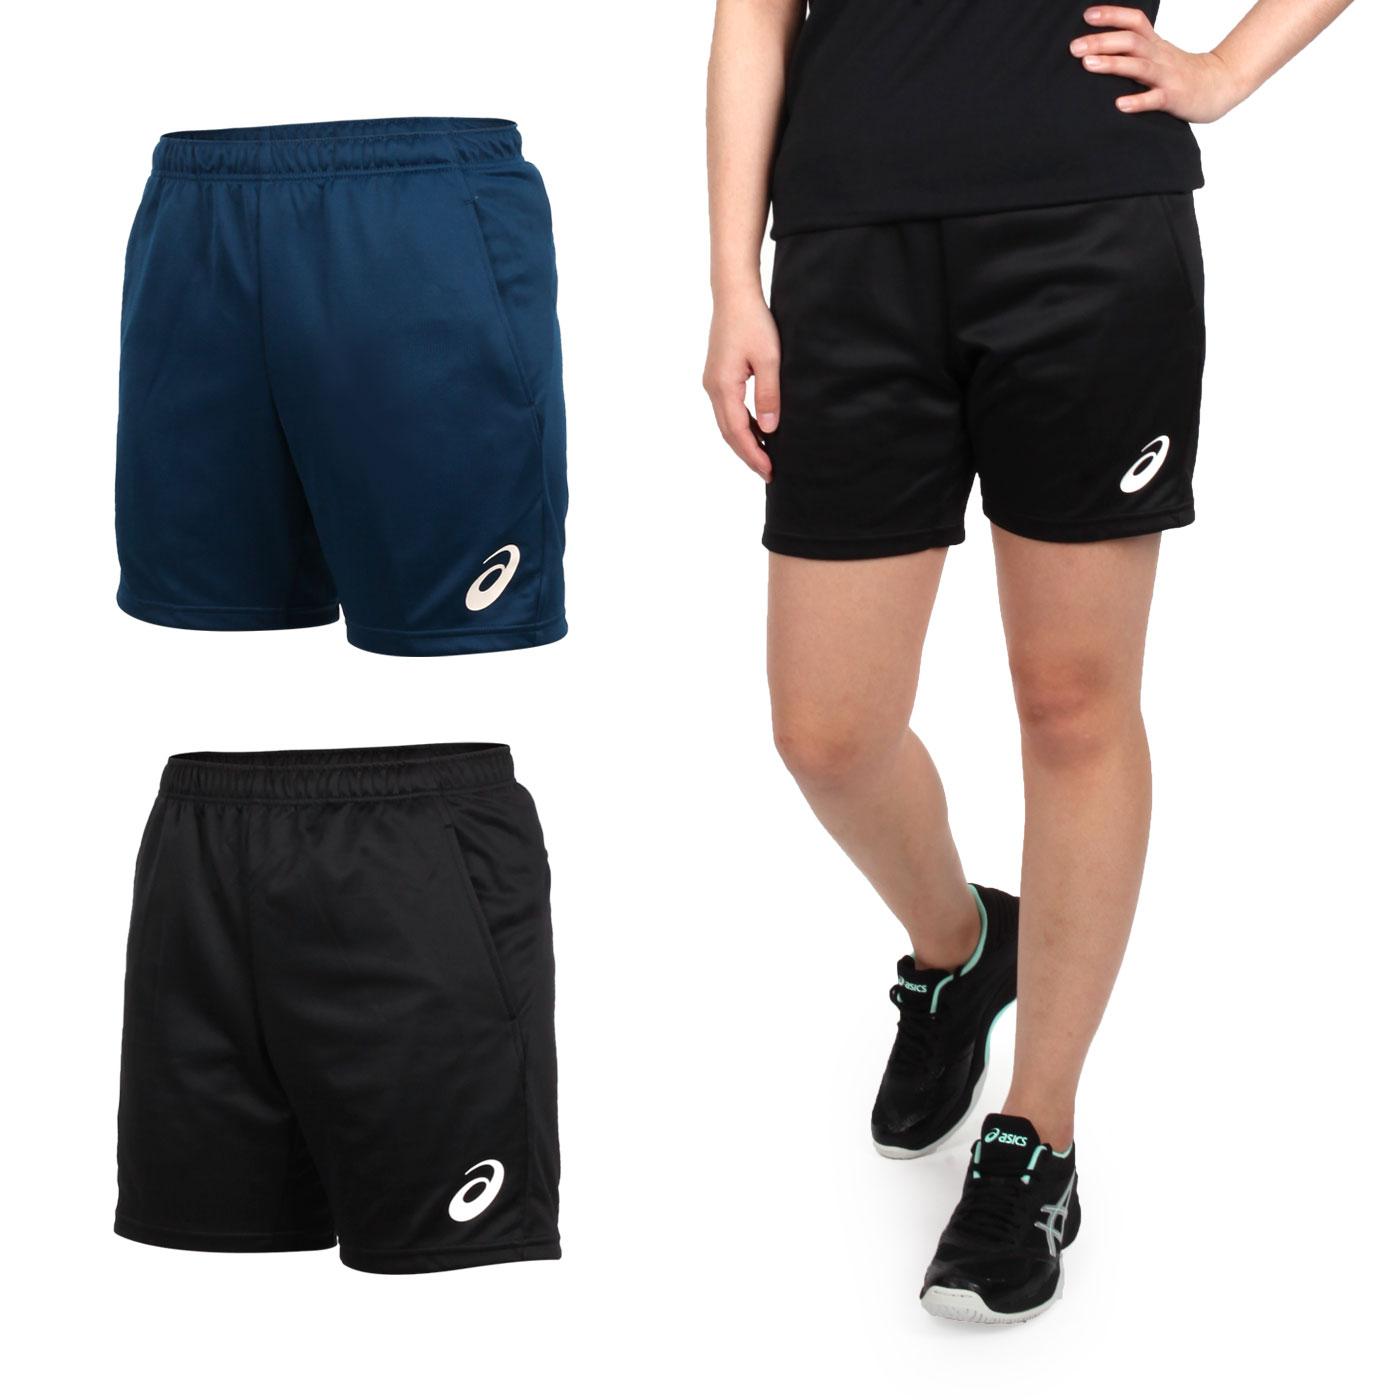 ASICS 女款排球針織短褲 2052A135-401